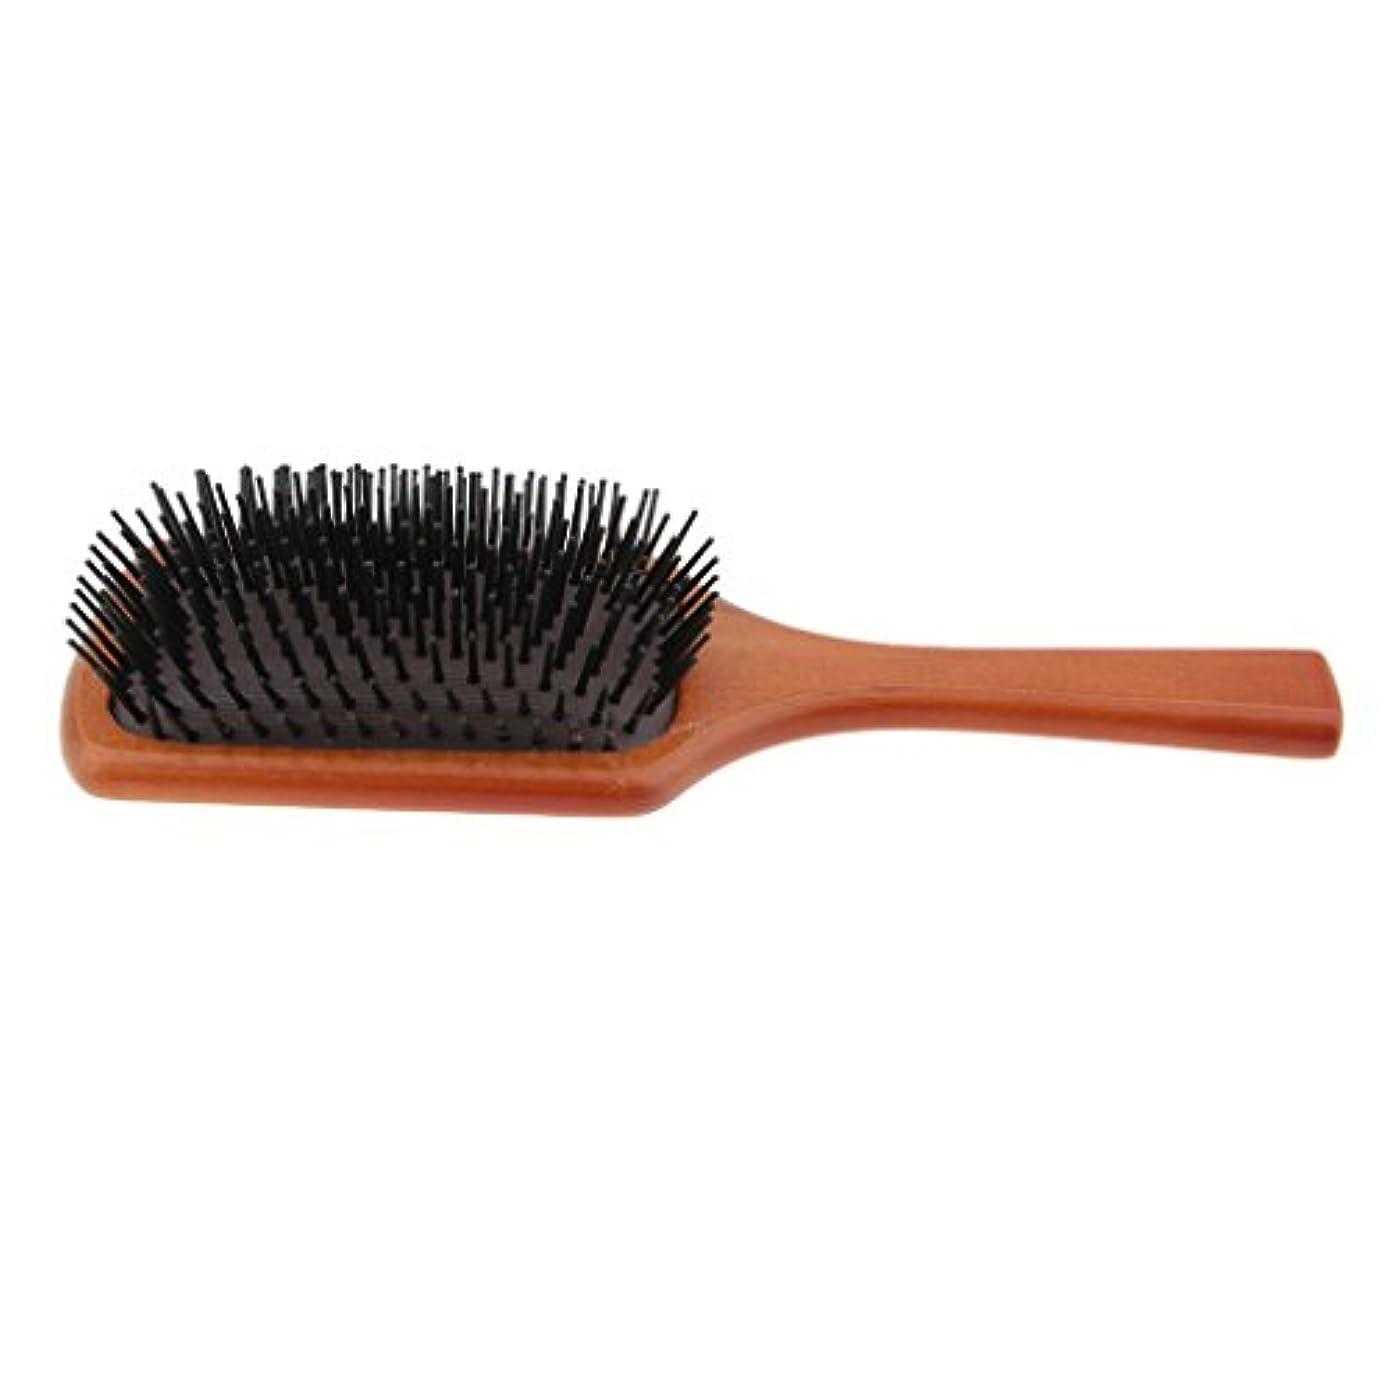 具体的に工夫する盆地Baosity 木製櫛 ヘアコーム ヘアブラシ 頭皮マッサージ 櫛 ヘアケア 高品質 サロン 自宅用